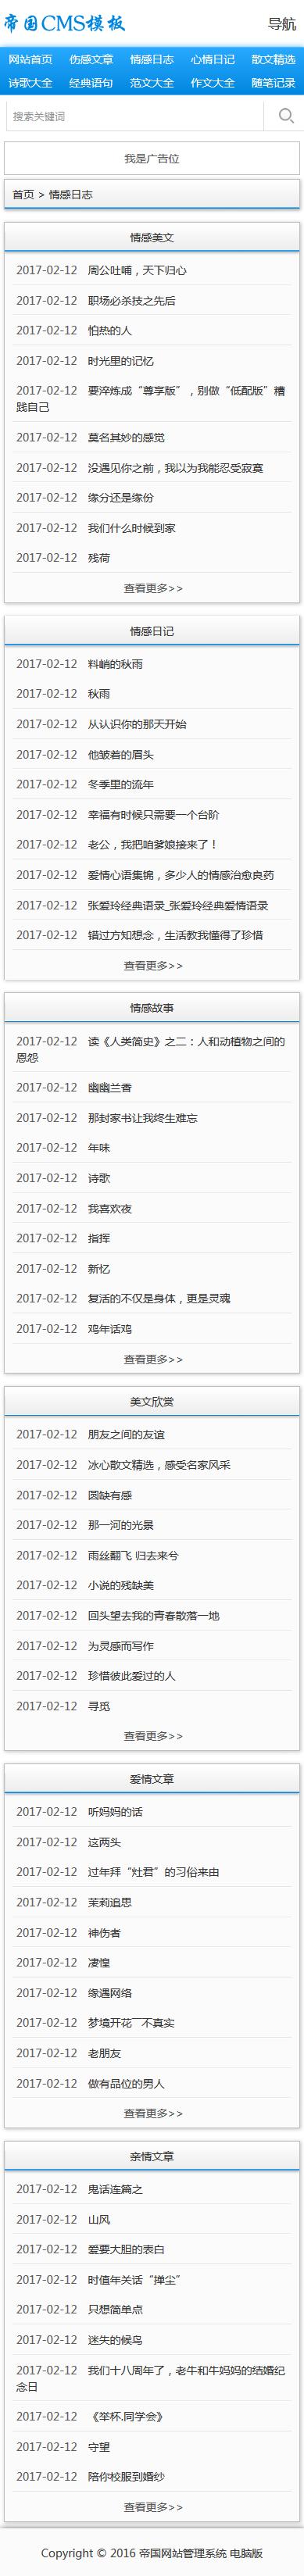 帝国cms蓝色文章类手机wap模板_频道模板